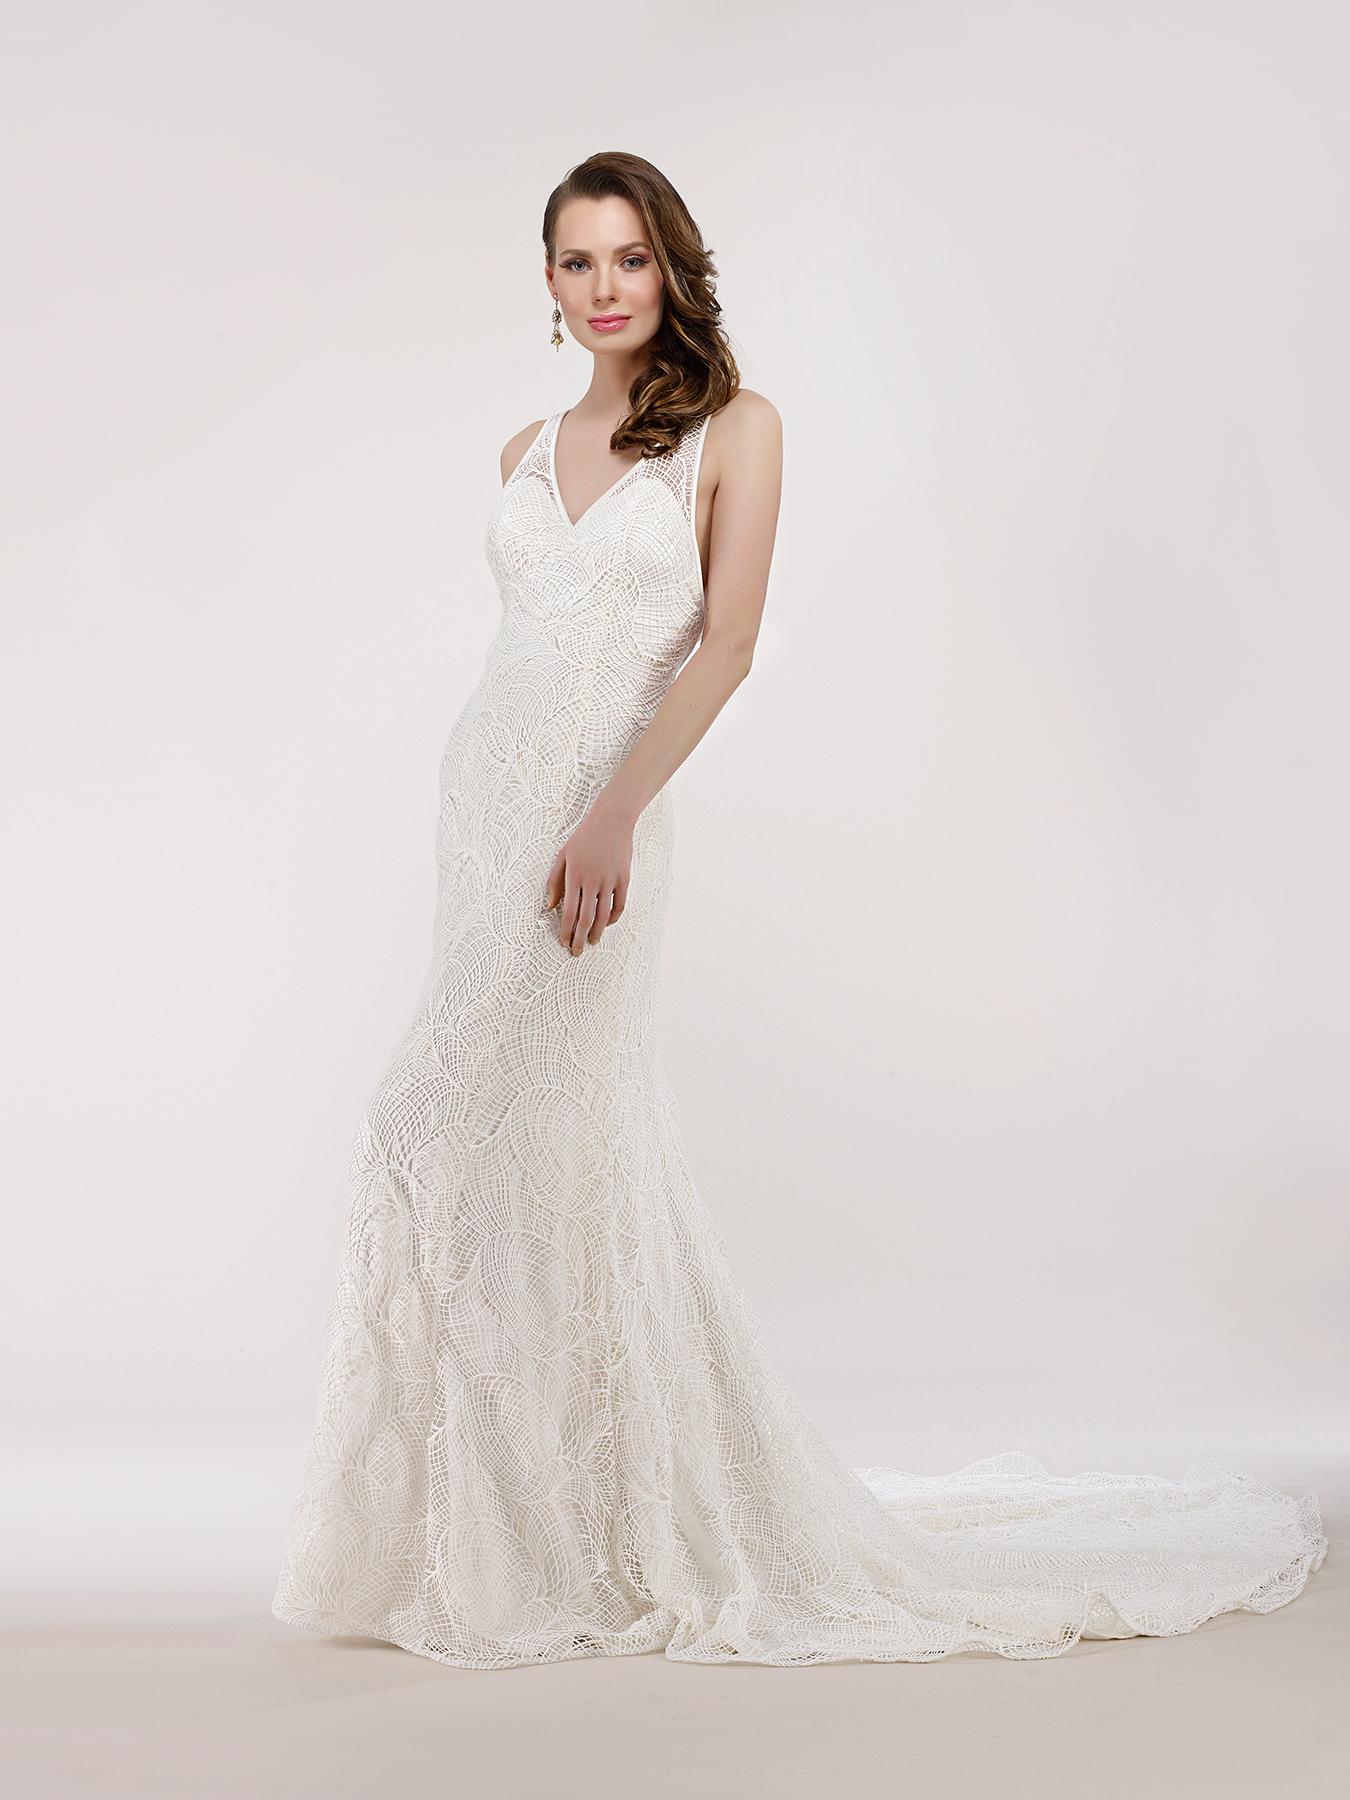 steven birnbaum wedding dress spring 2018 v-neck lace